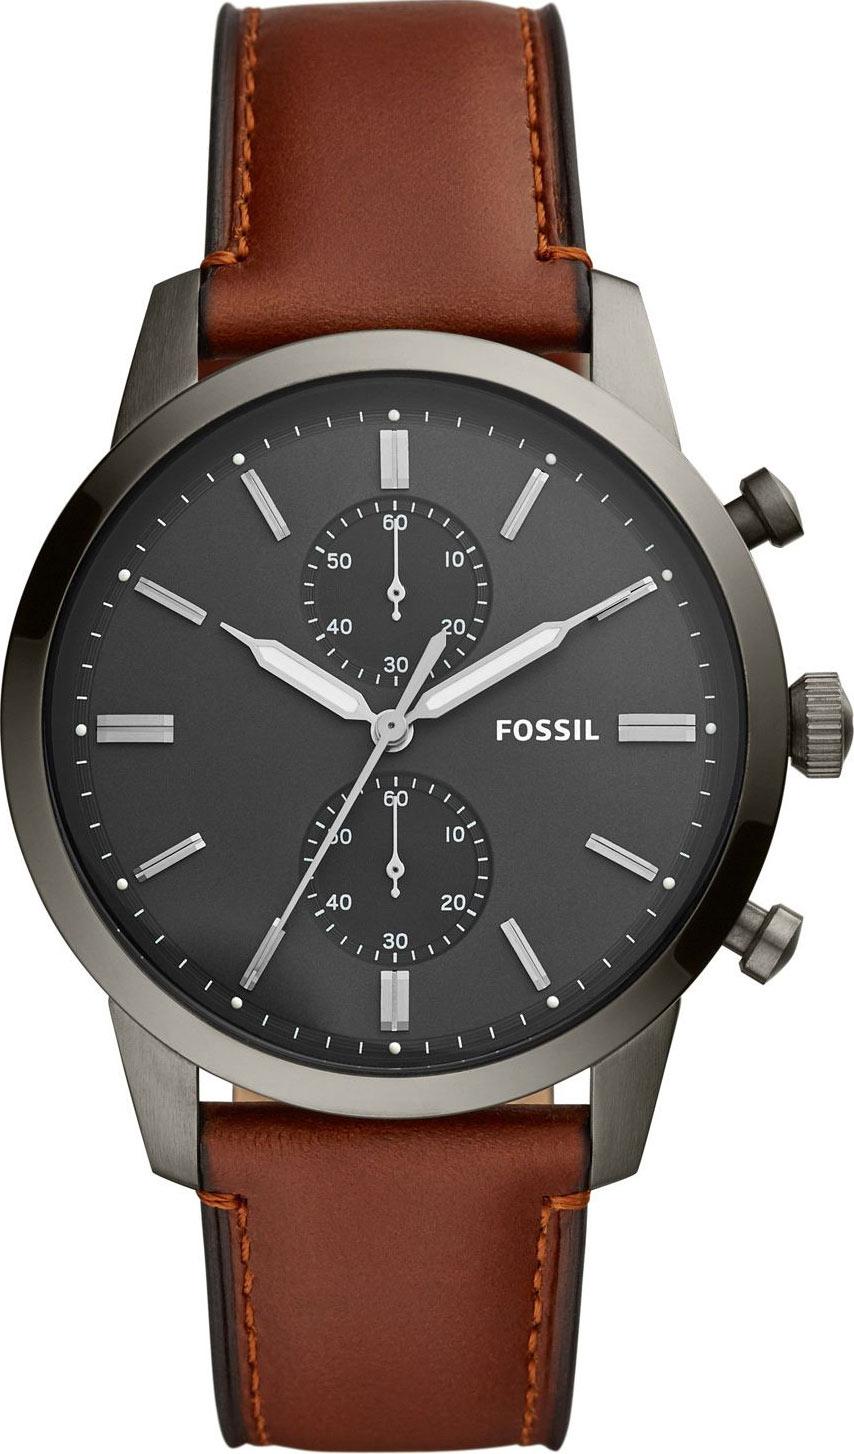 FOSSIL FS5522